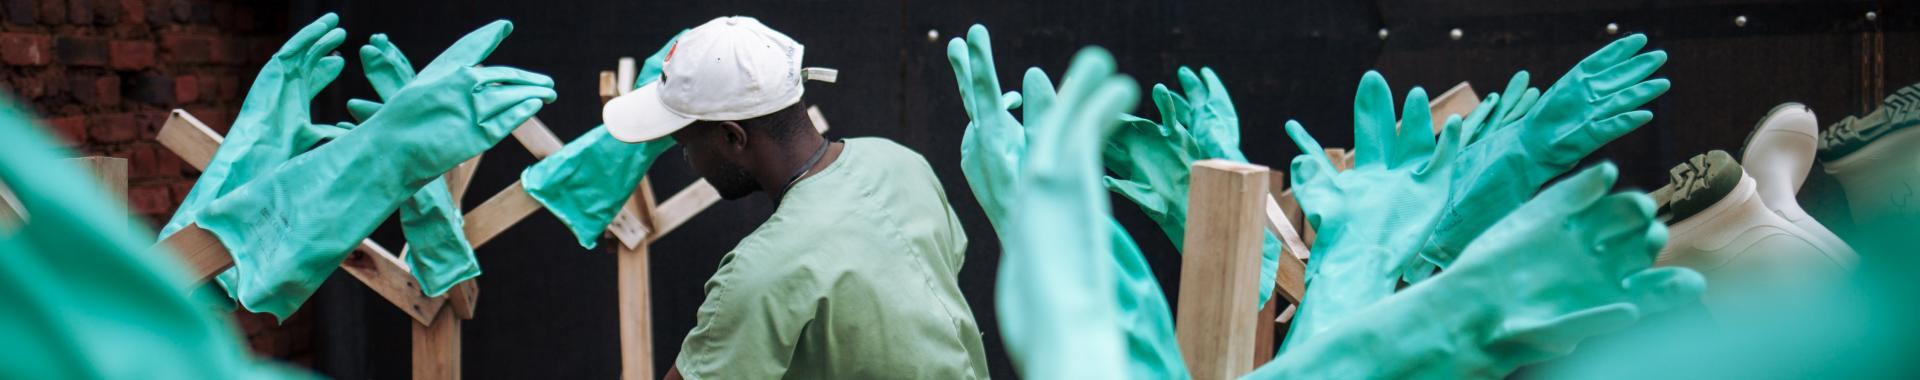 MSF amplia atividades de combate ao Ebola na RDC